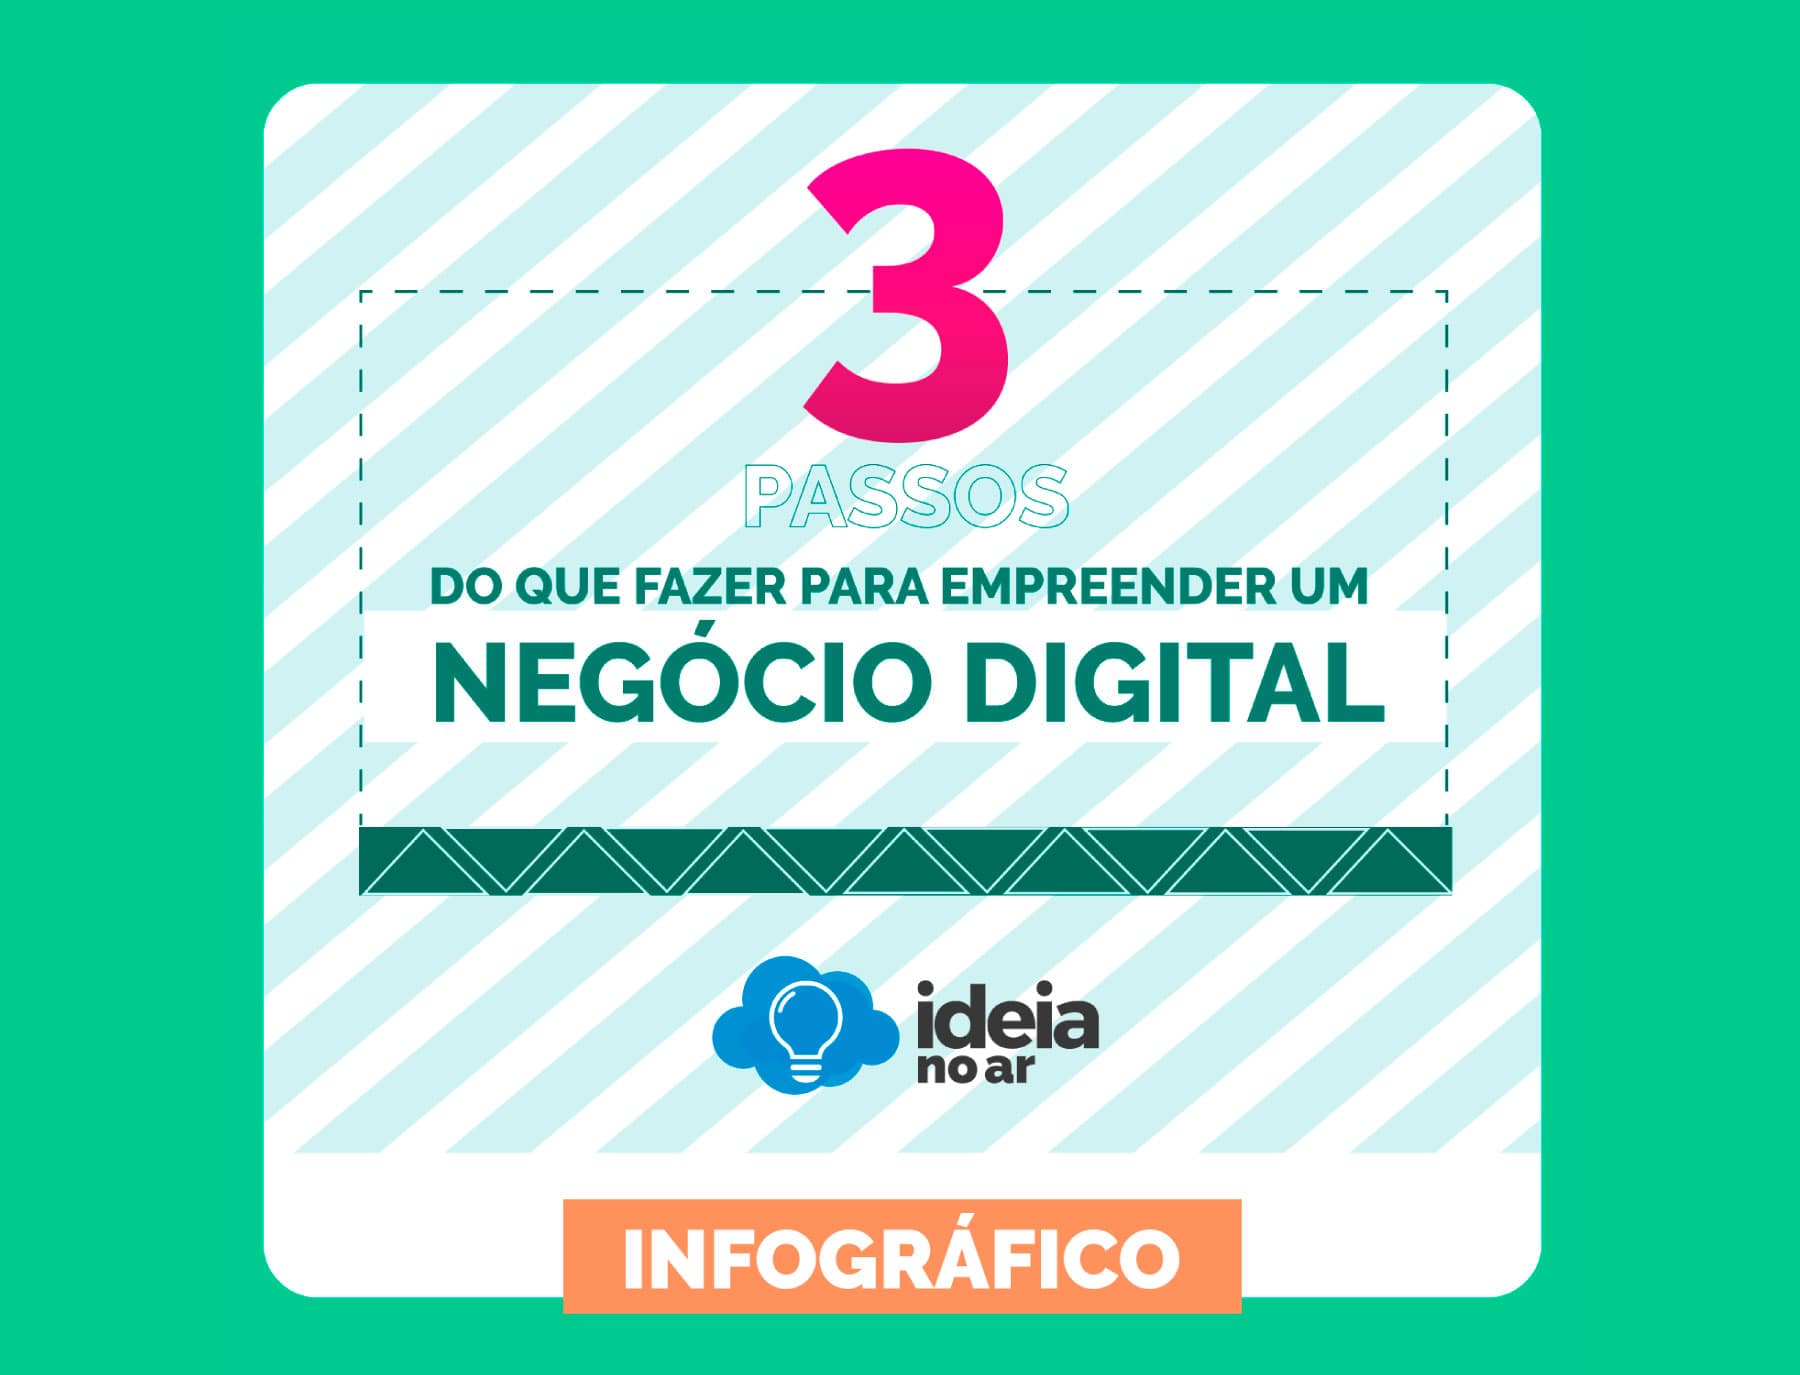 infografico-3-passos-negocio-digital